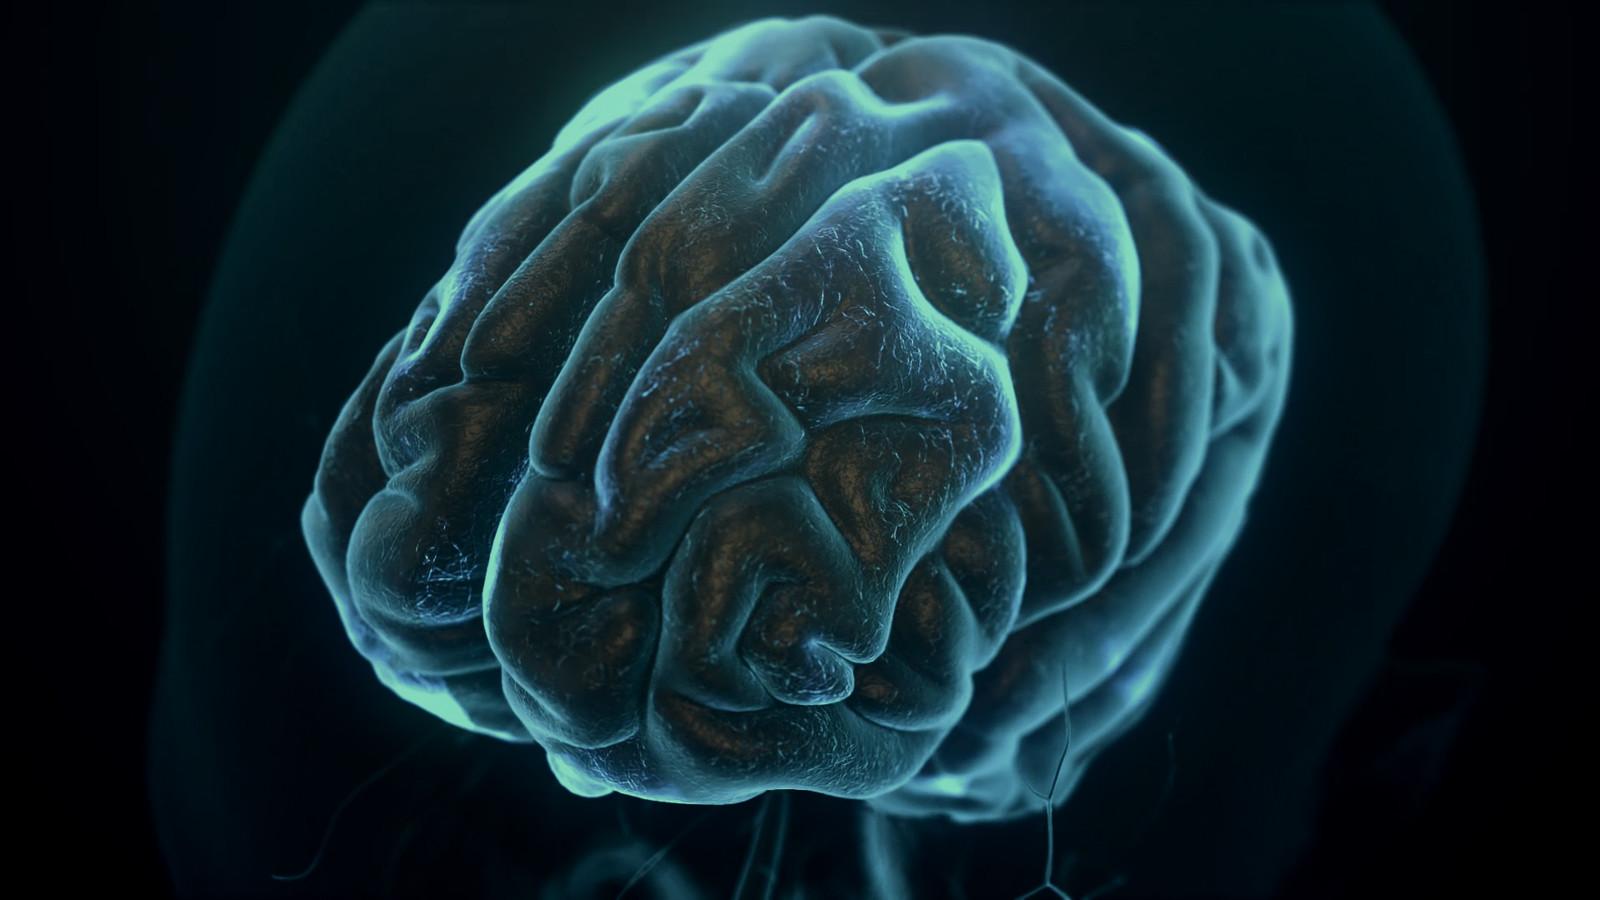 Medical View on Parkinsonian Disease